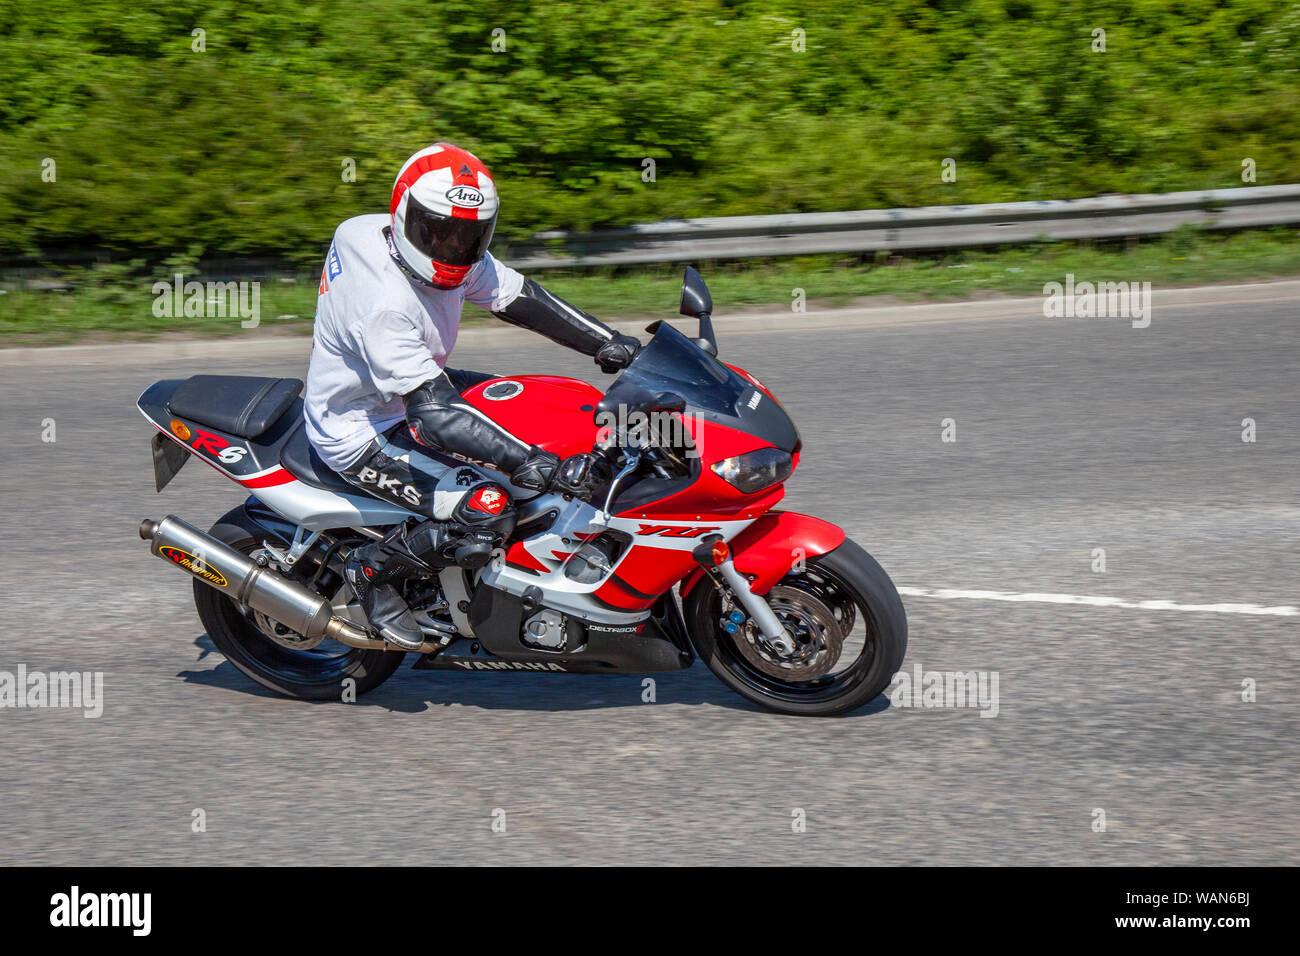 Yamaha R6 Stock Photos & Yamaha R6 Stock Images - Alamy